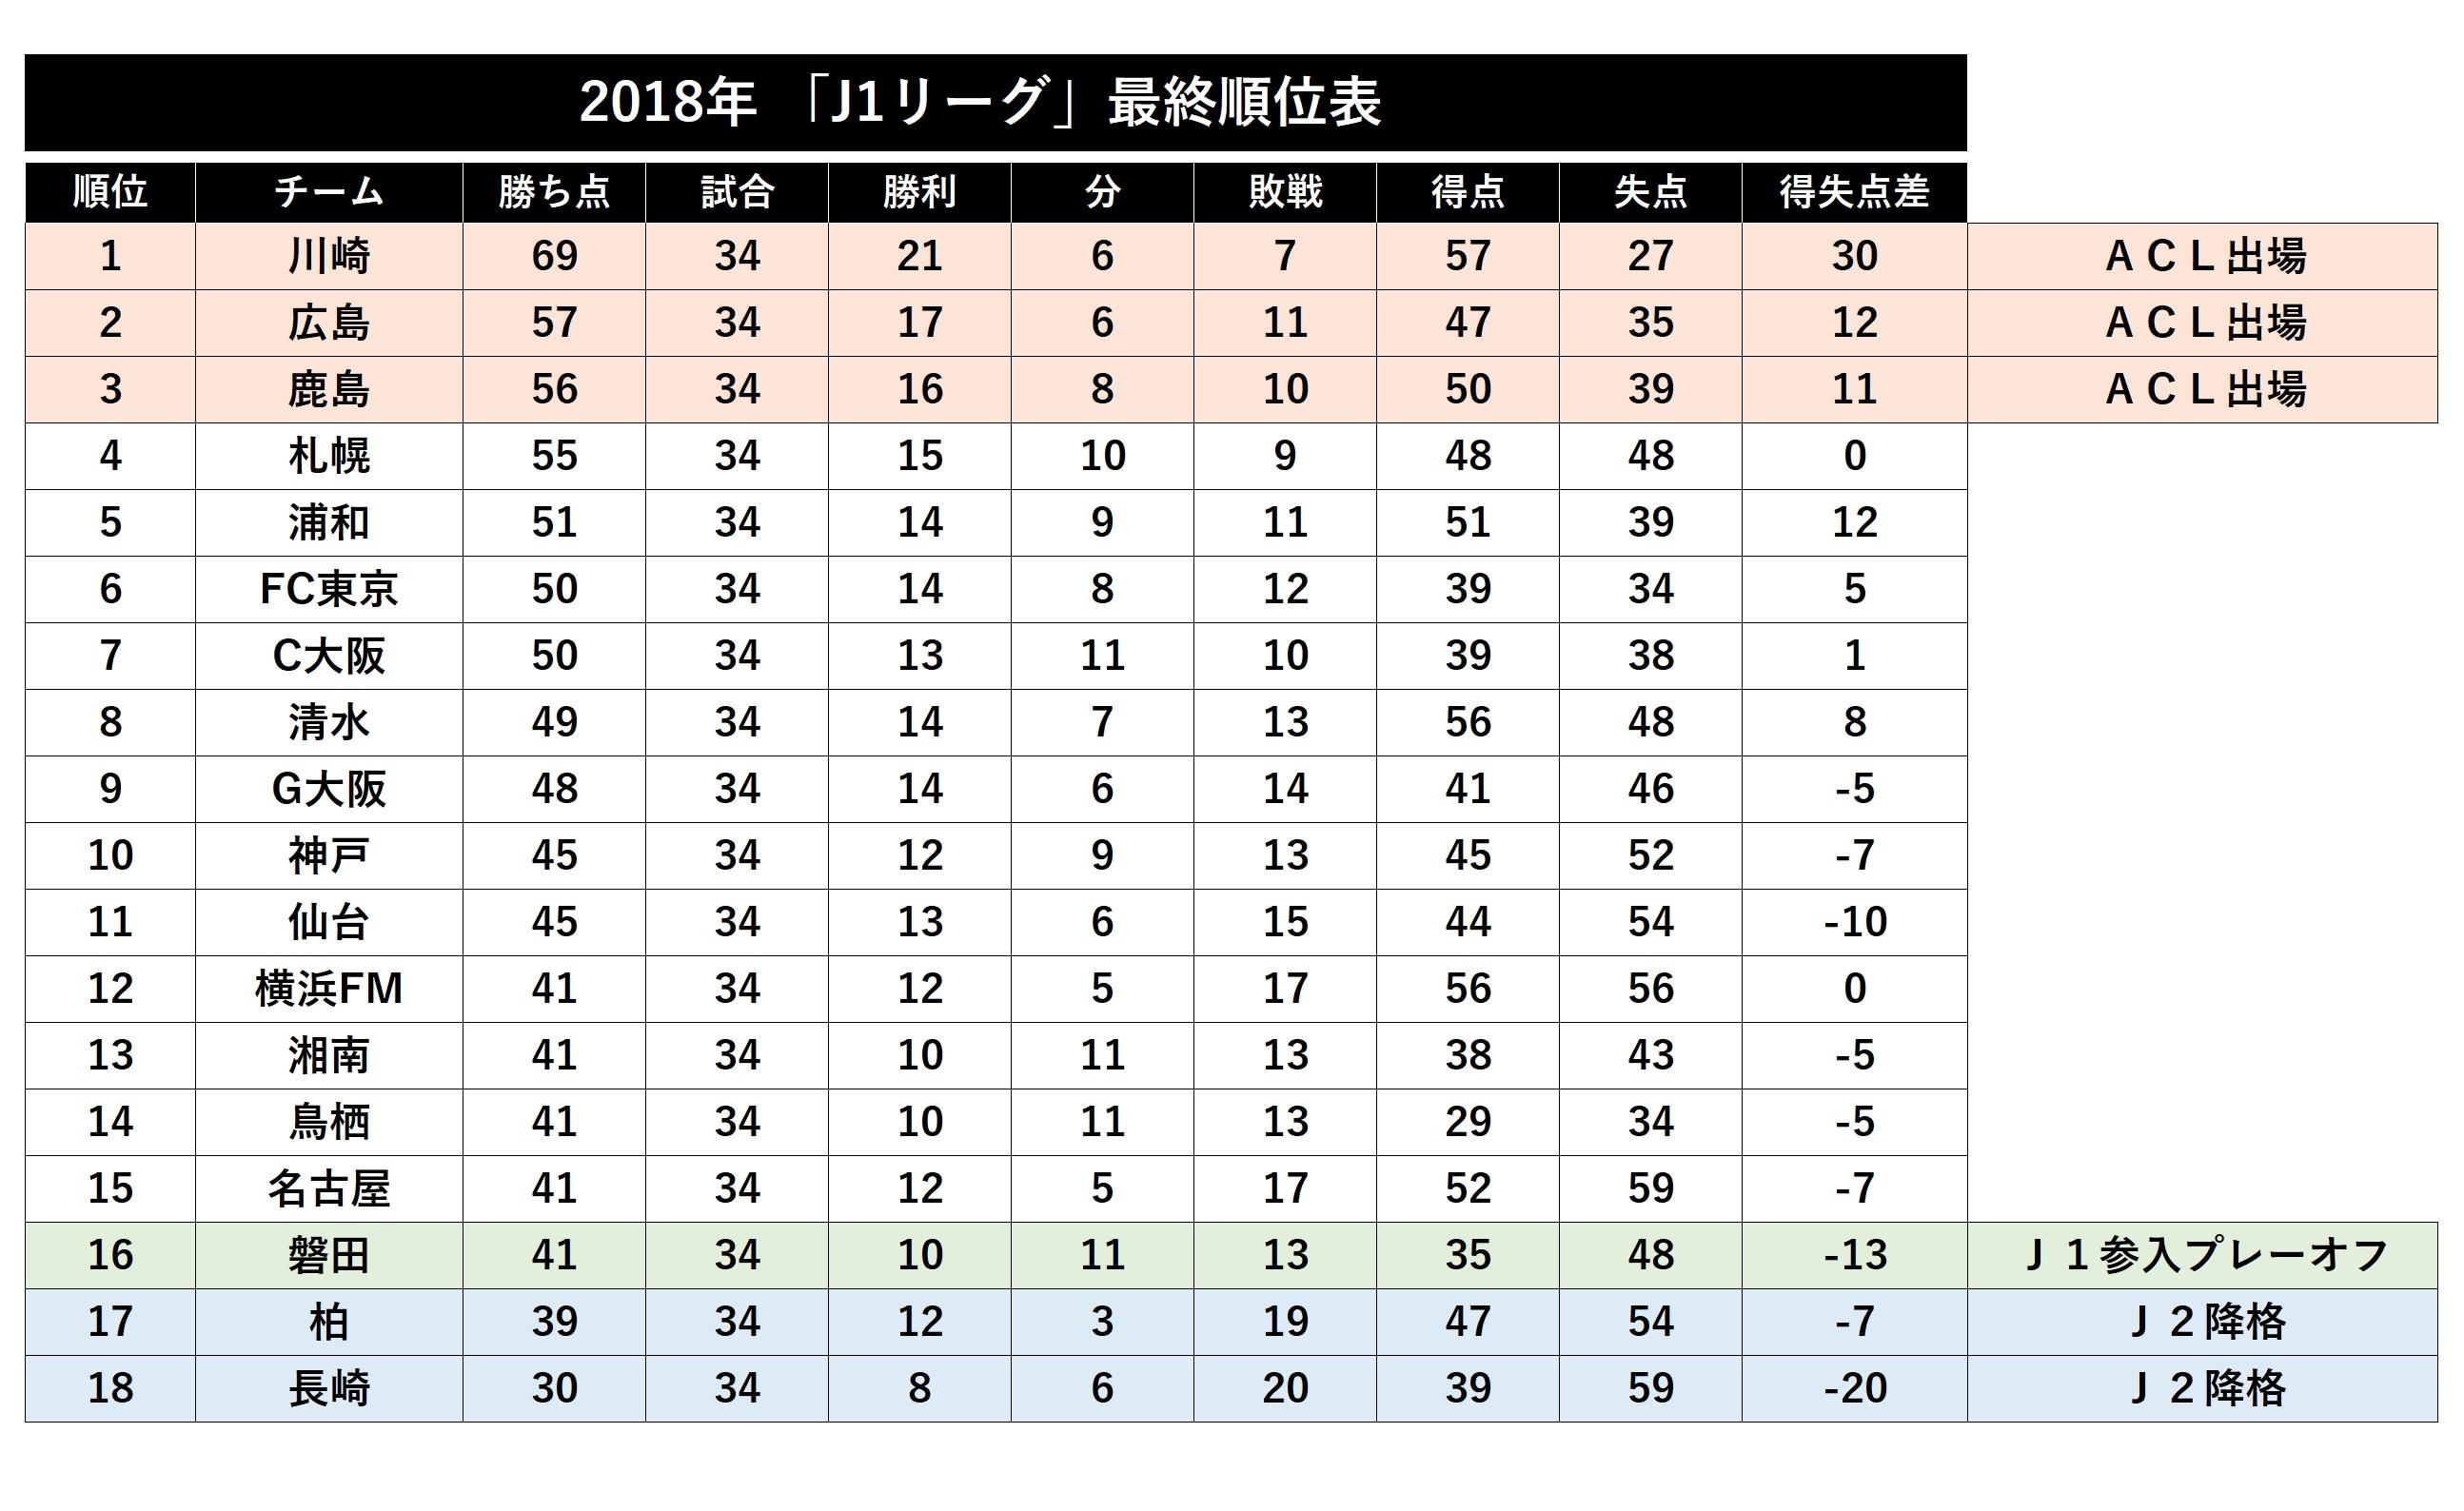 【参考図表】2018年J1リーグ最終順位表【画像:Football ZONE web】